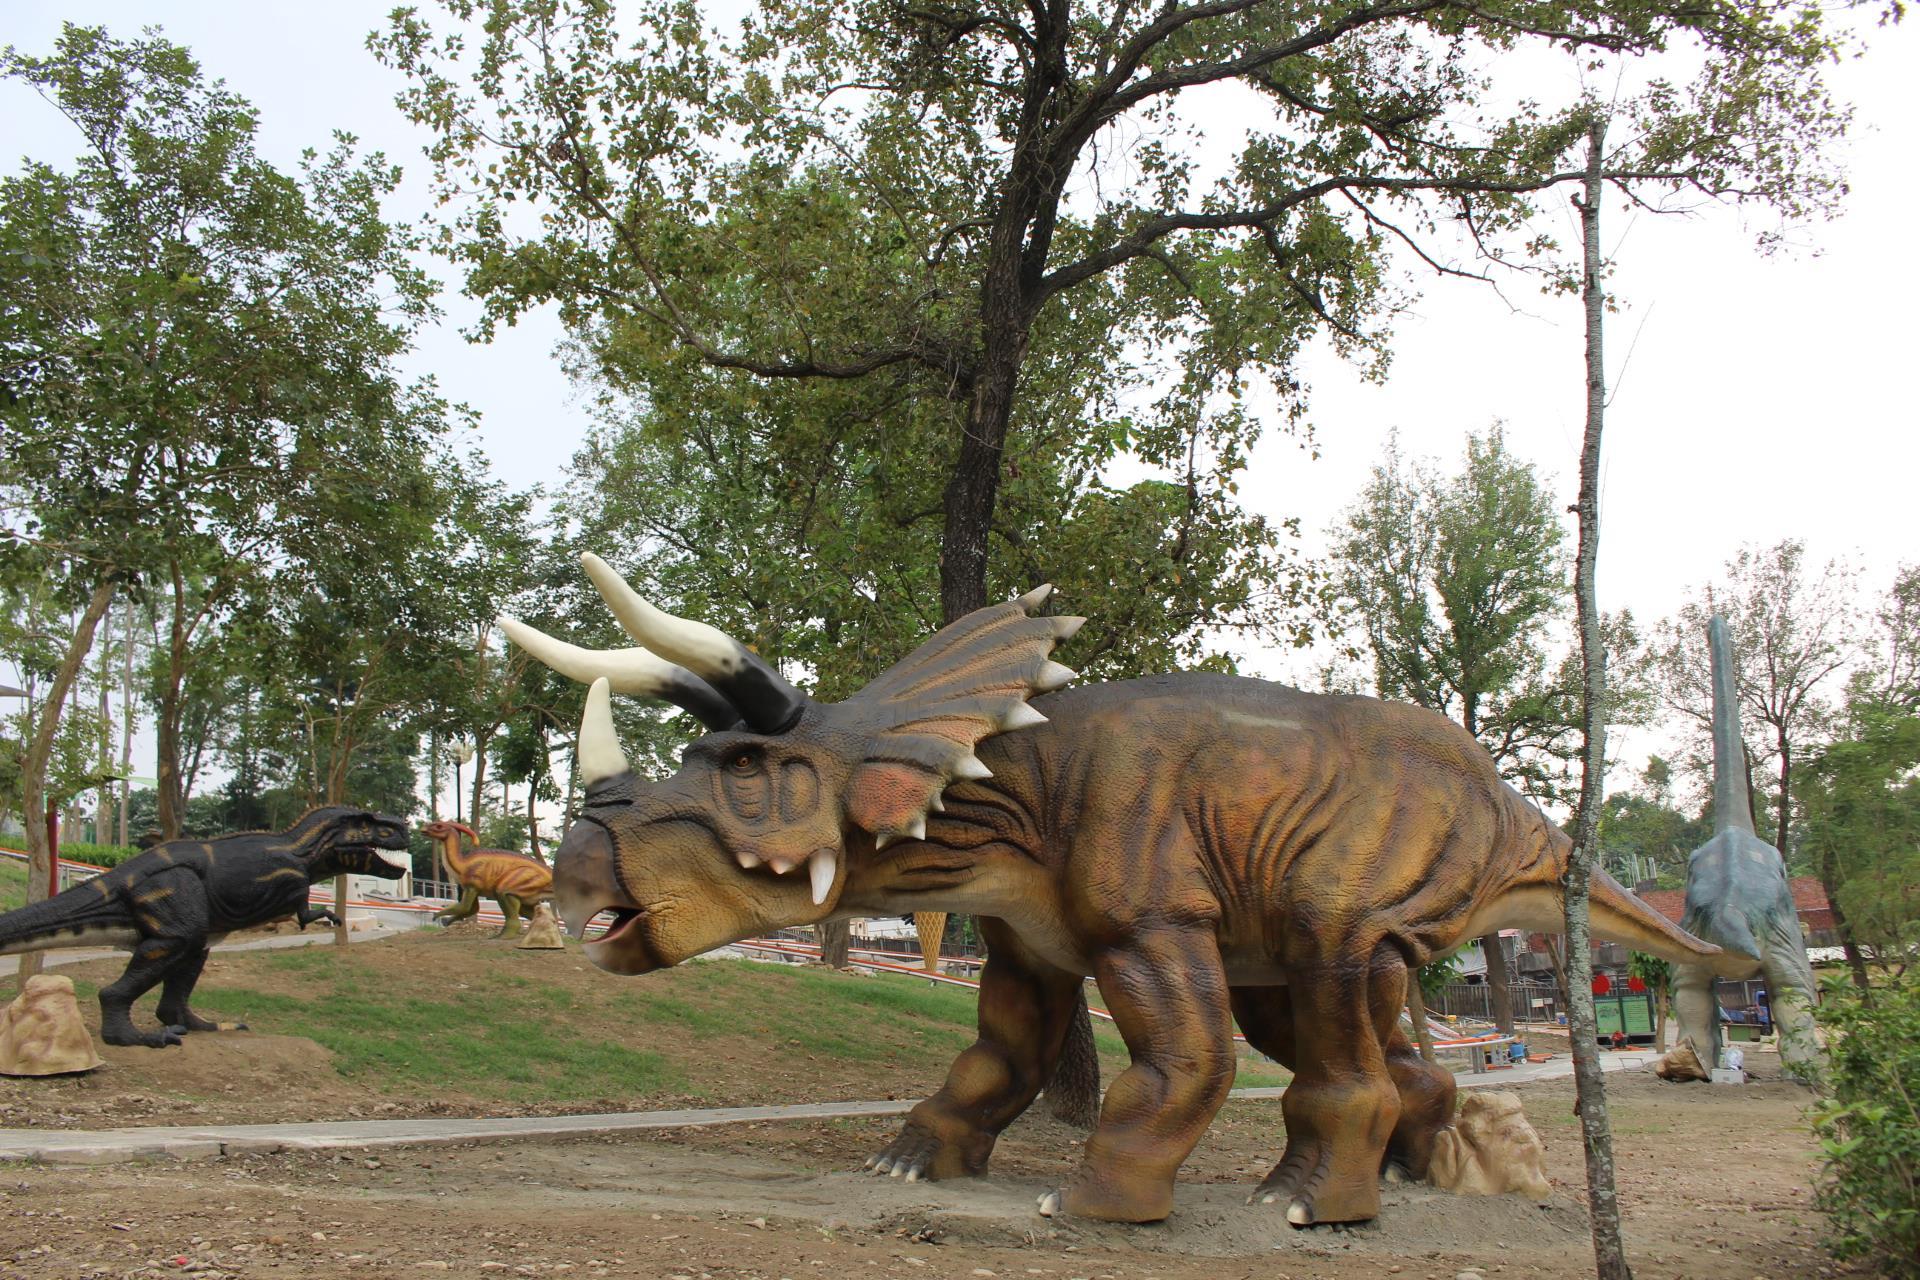 百果山探索樂園有將近40隻仿真恐龍,不論體態、動作和叫聲都是根據考古學者紀錄打造而成。圖/百果山探索樂園臉書粉絲專頁